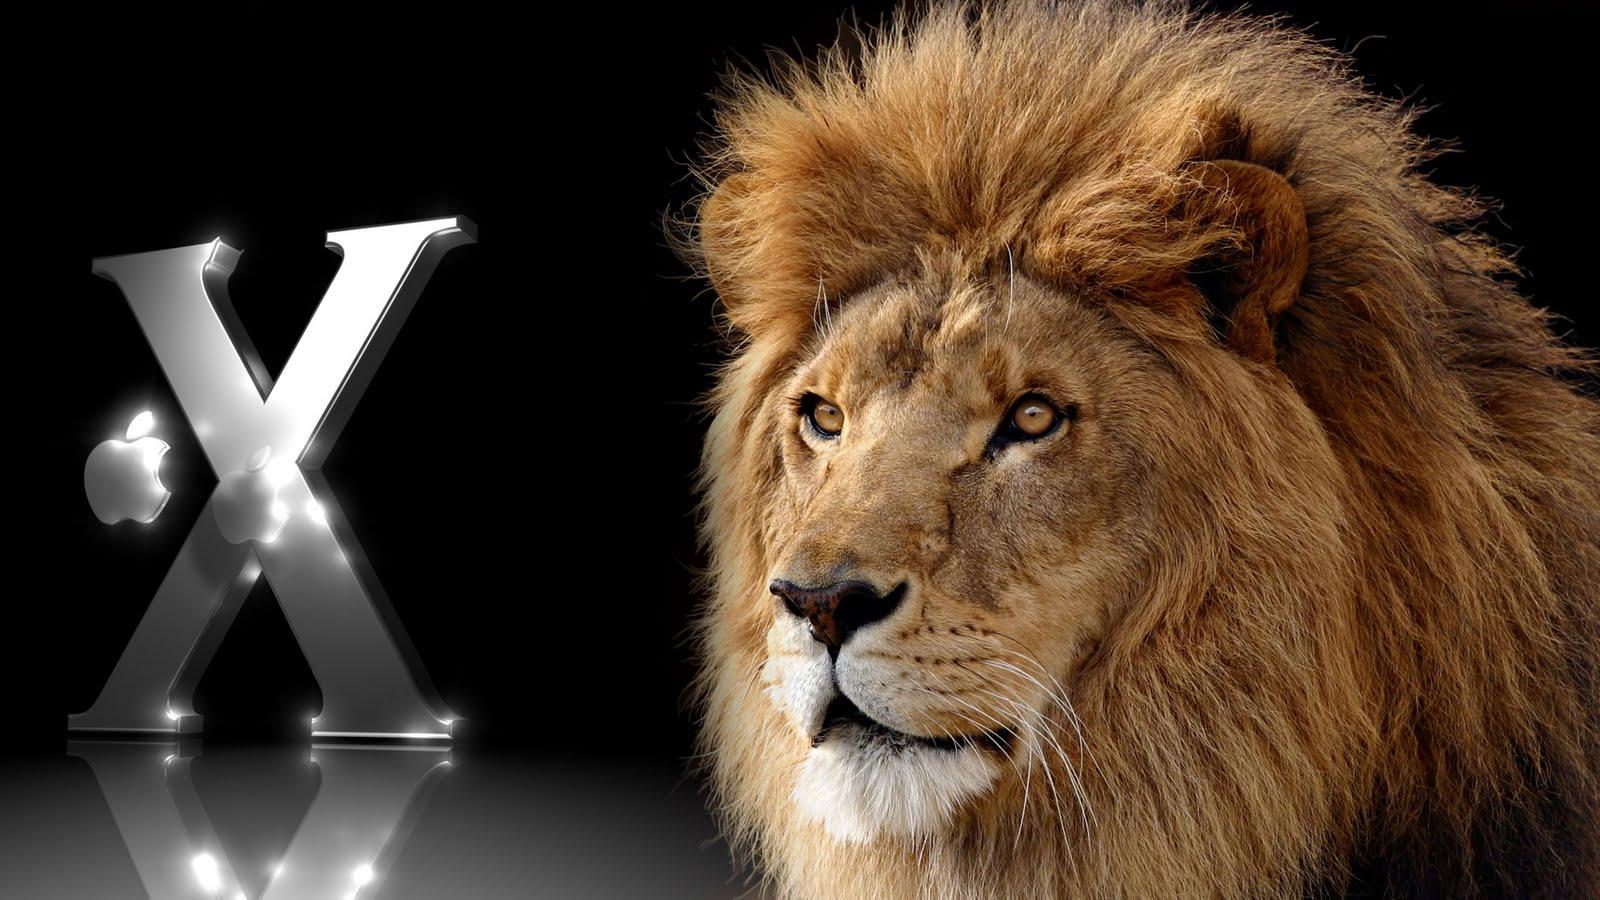 http://2.bp.blogspot.com/-qDlU4YVxJV0/TuHQme21gRI/AAAAAAAAACQ/lDyHsP2RWnk/s1600/apple-mac-os-x-lion.jpg